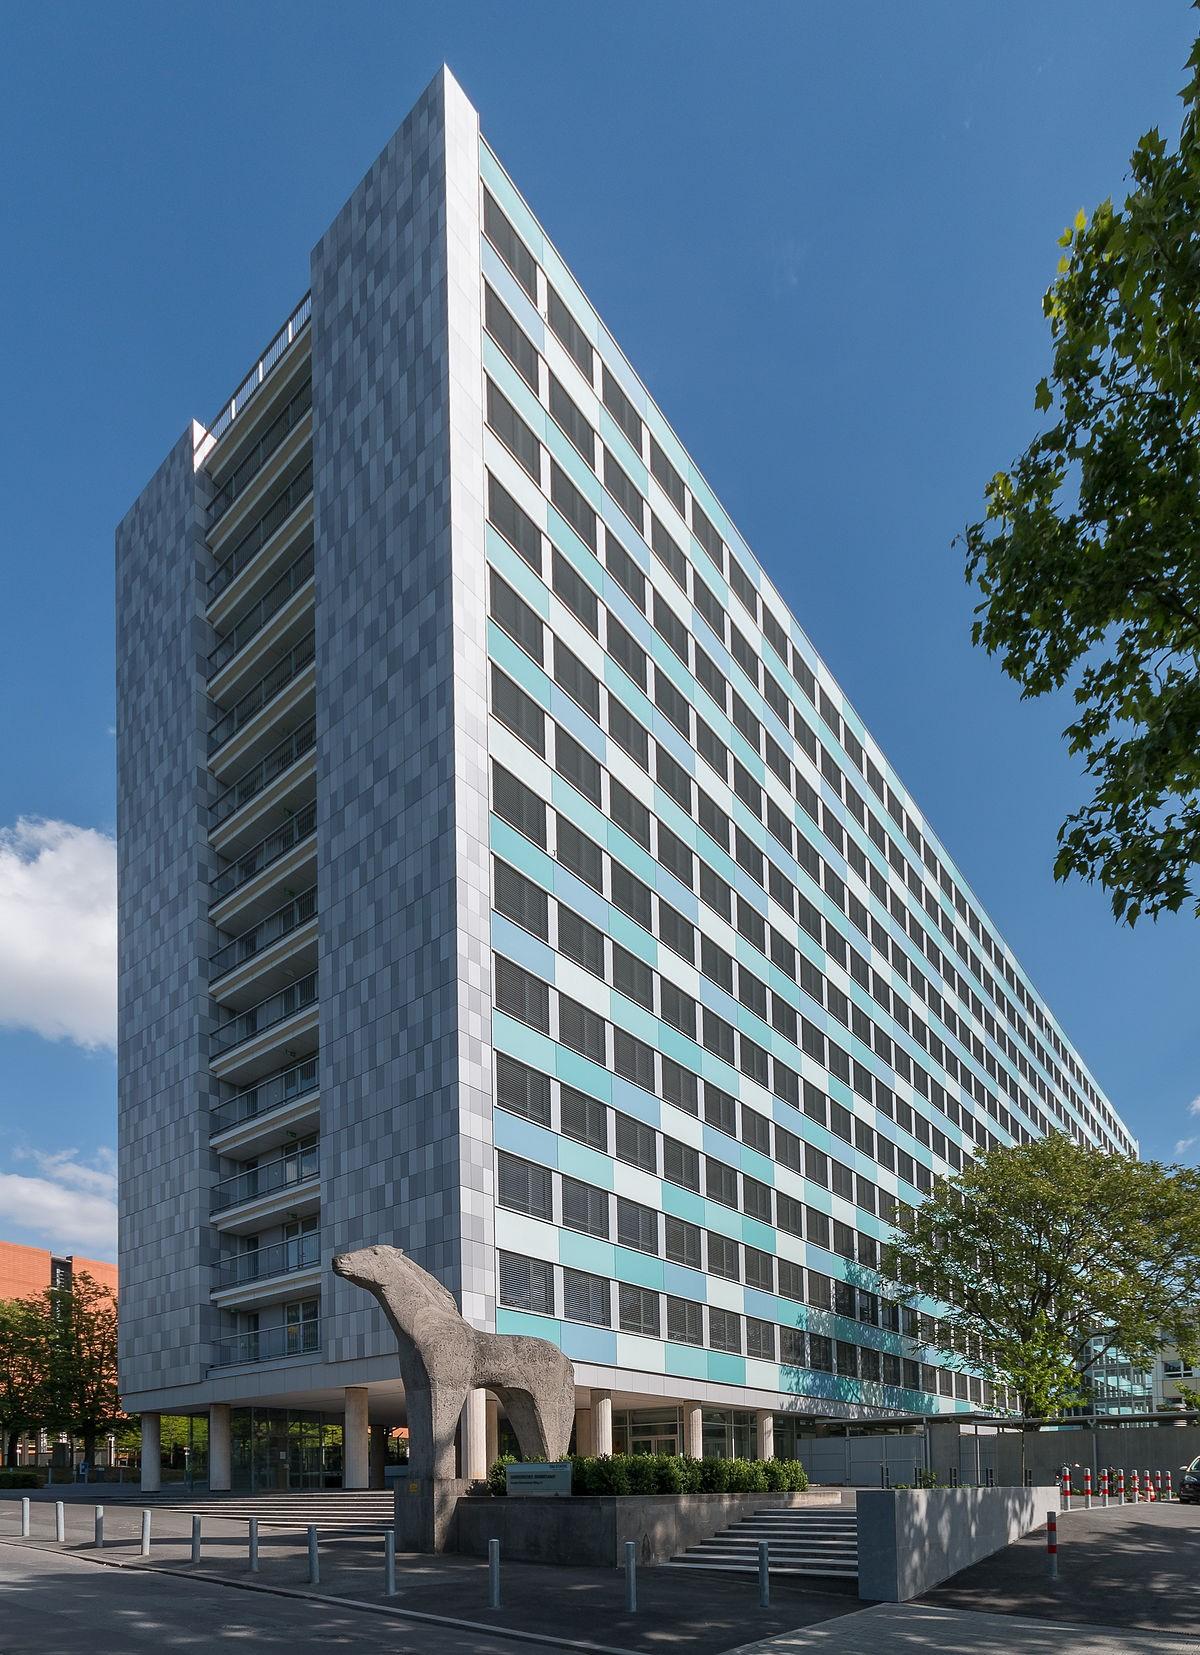 Statistisches Bundesamt – Revitalisierung, Wiesbaden